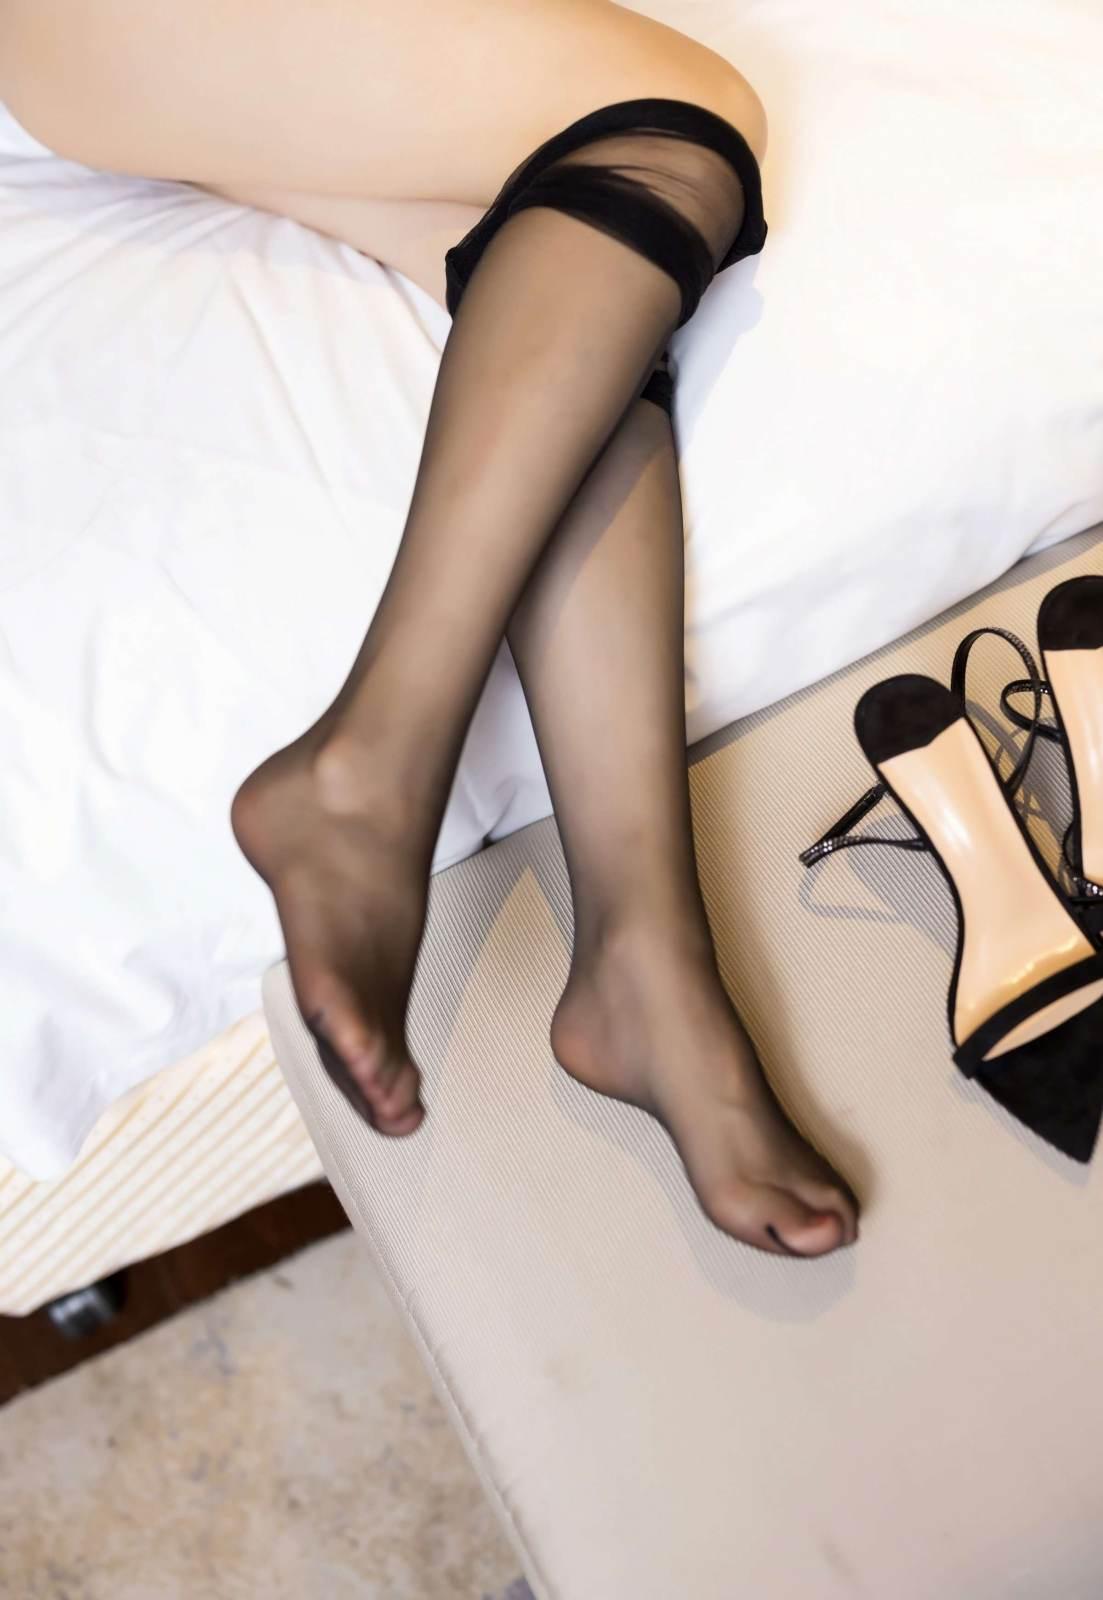 第190期长腿黑丝写真照言沫(黑丝,高跟,大长腿)_图片7